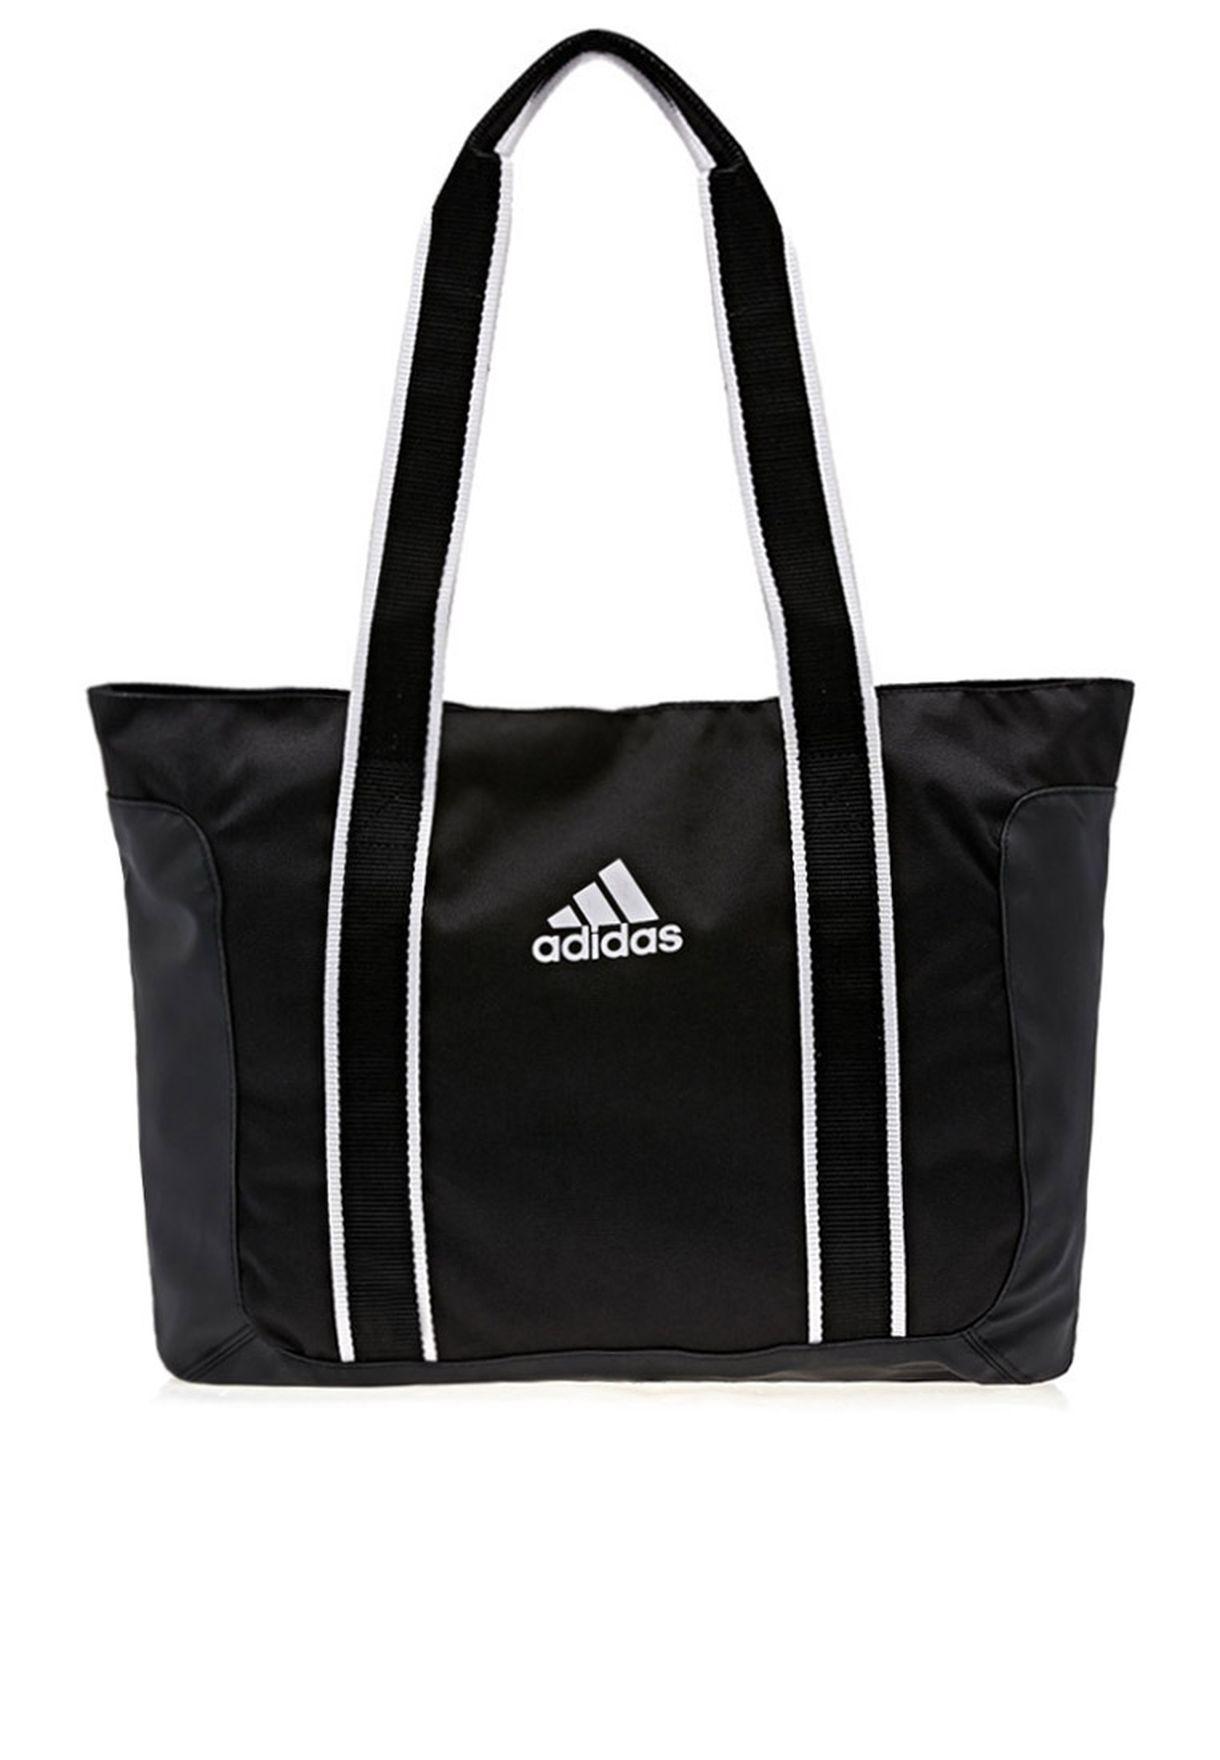 4e37743069 Shop adidas black Essential Shoulder Bag X12138 for Women in Qatar -  AD476AC74EHL